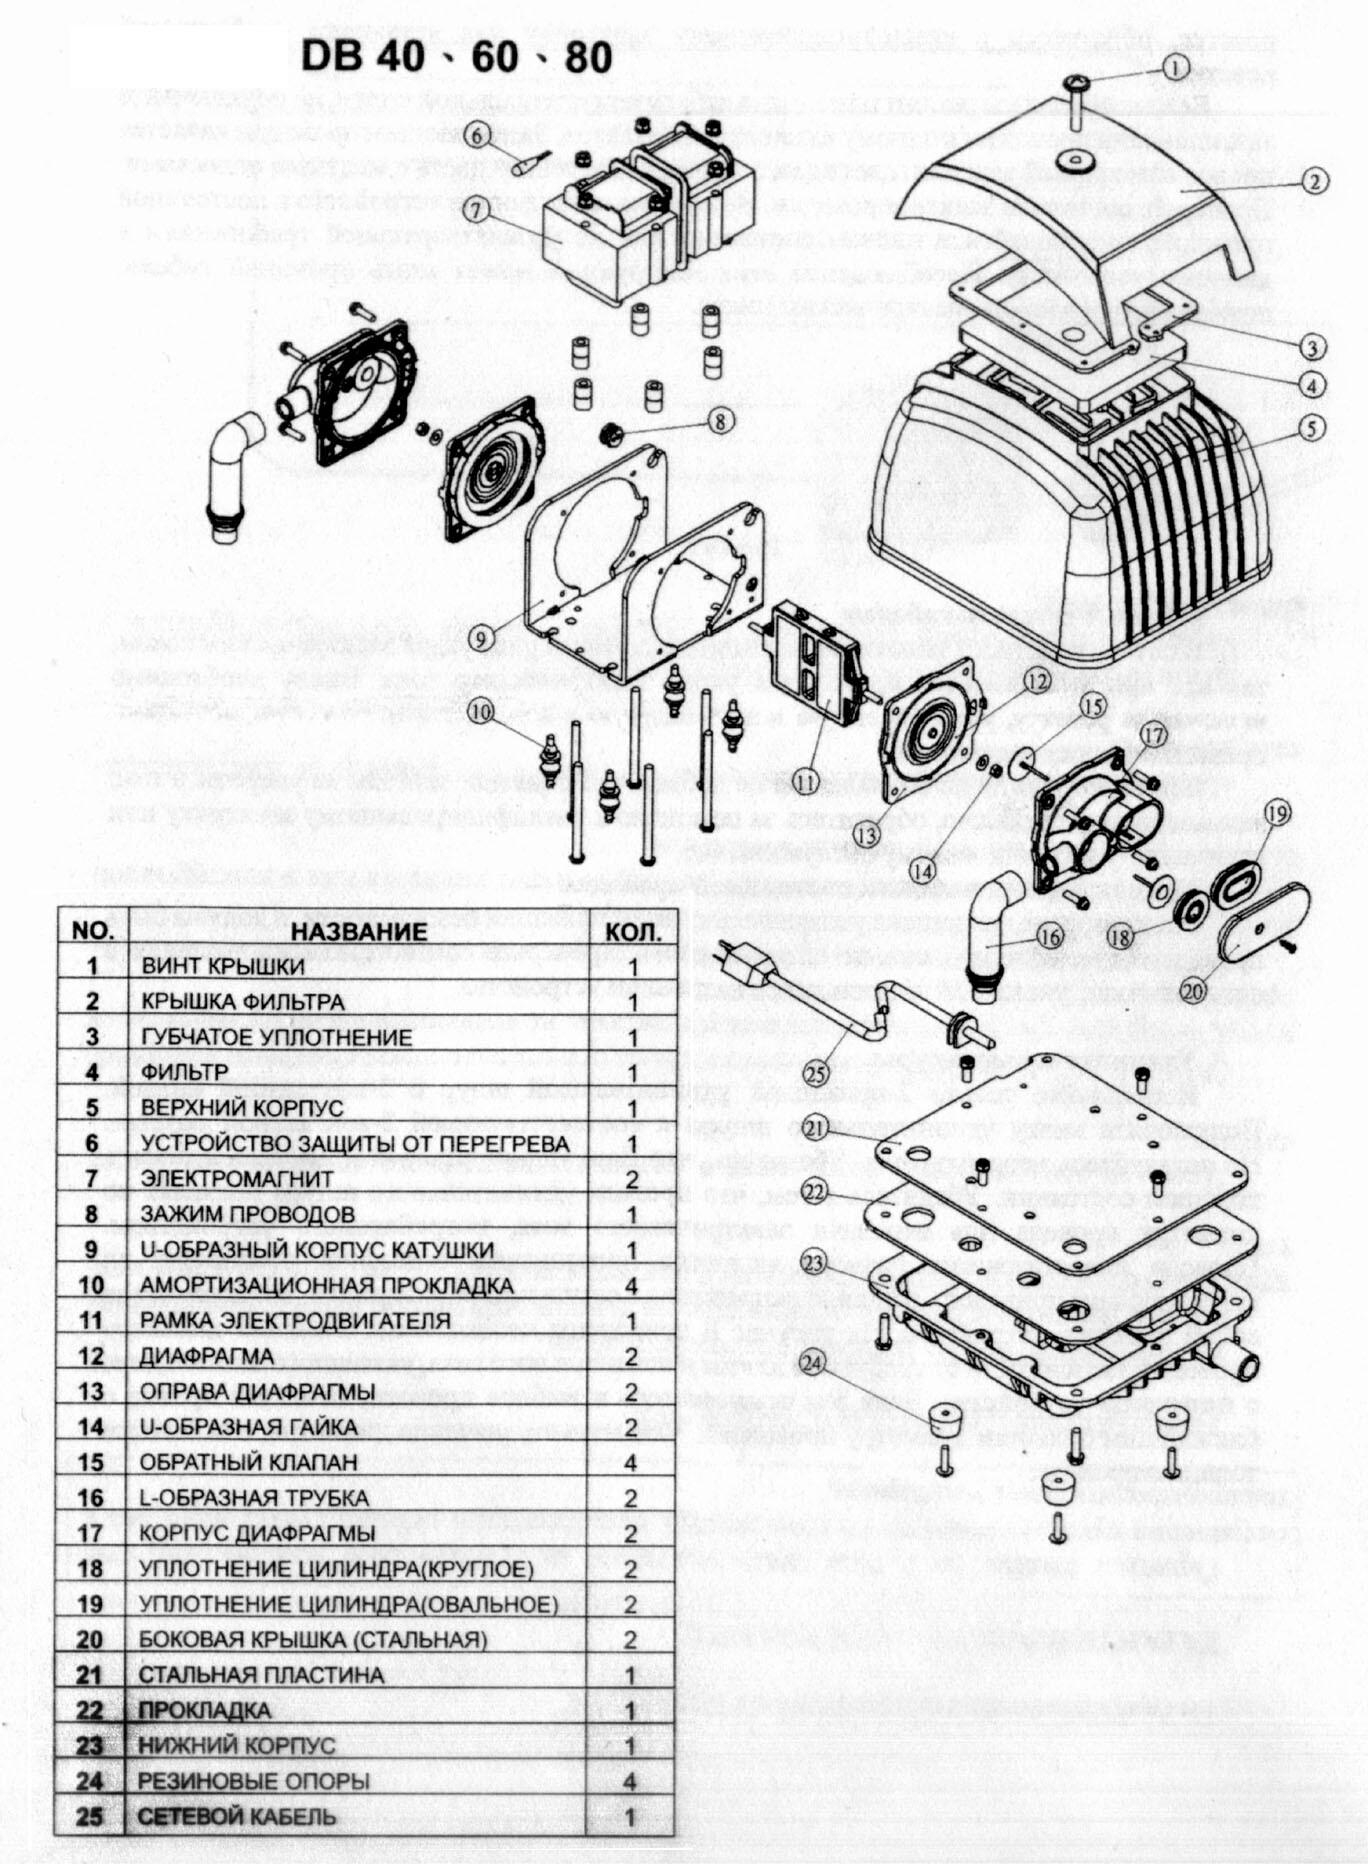 AirMaс компрессор для септик Топас